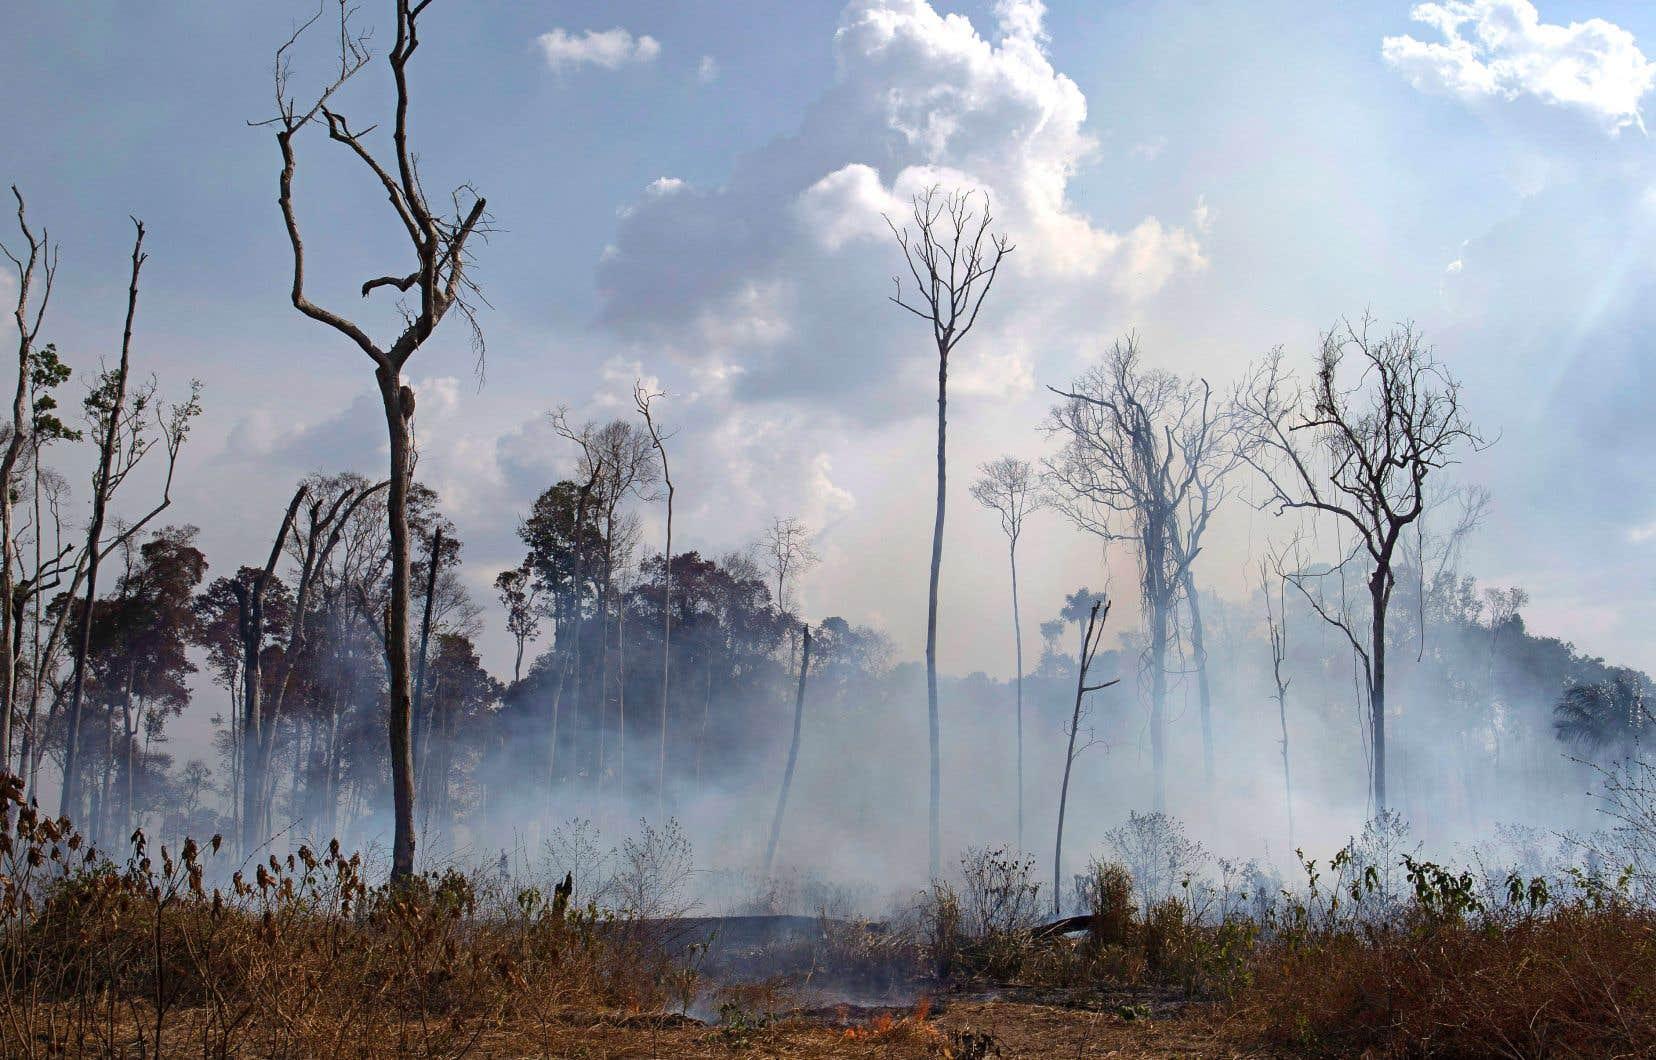 Le président Jair Bolsonaro a finalement annoncé vendredi qu'il enverrait 44000 soldats pour aider à lutter contre les incendies.